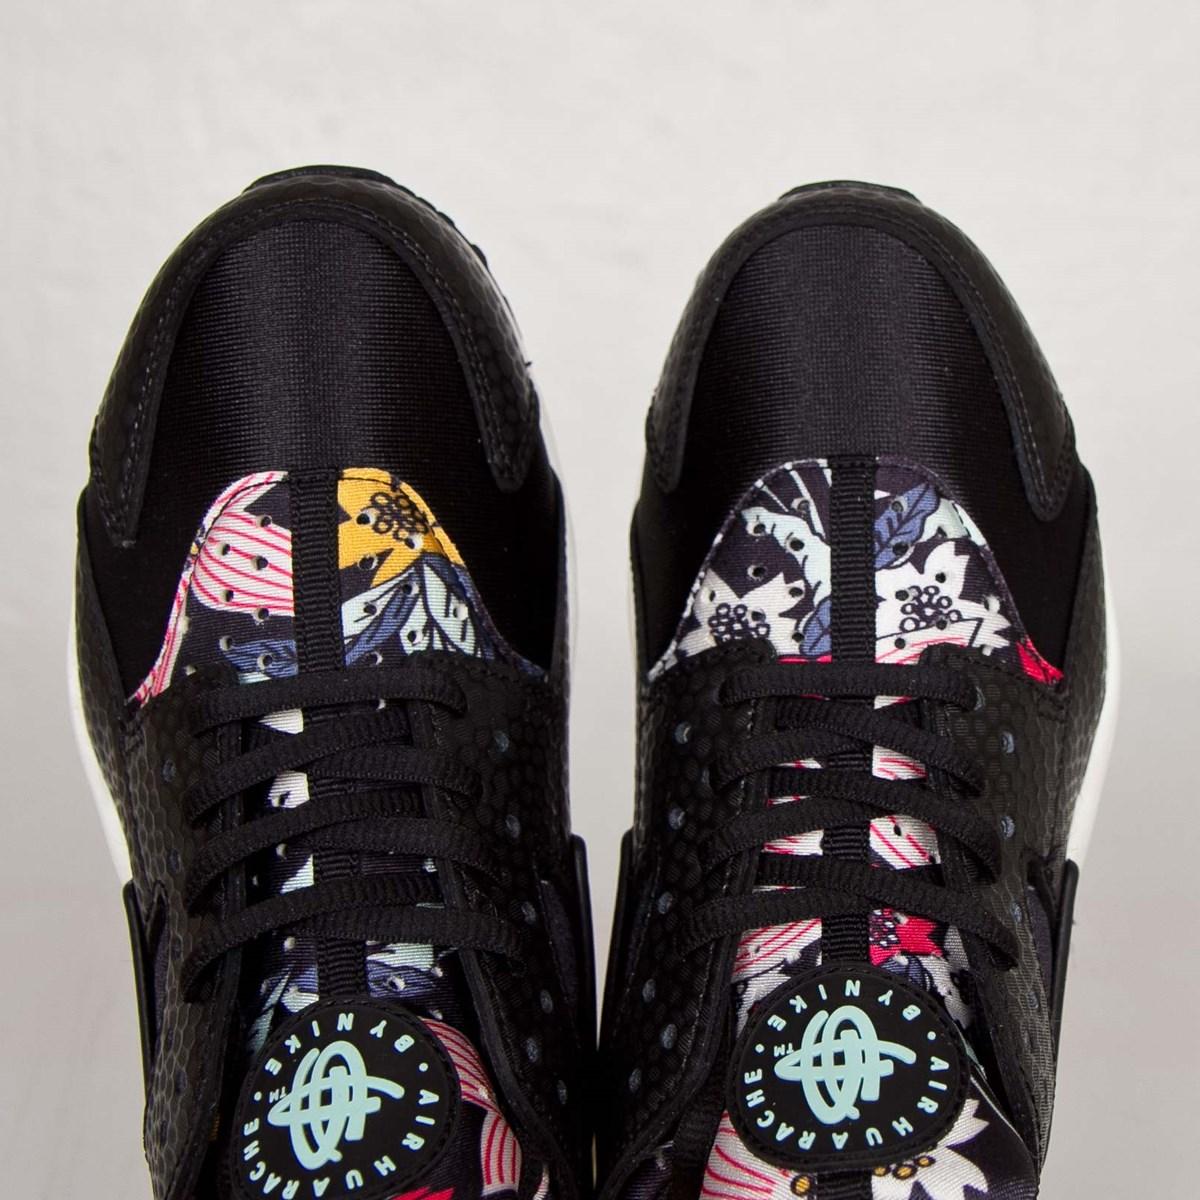 35101359b1a6 Nike Wmns Air Huarache Run Print - 725076-001 - Sneakersnstuff ...